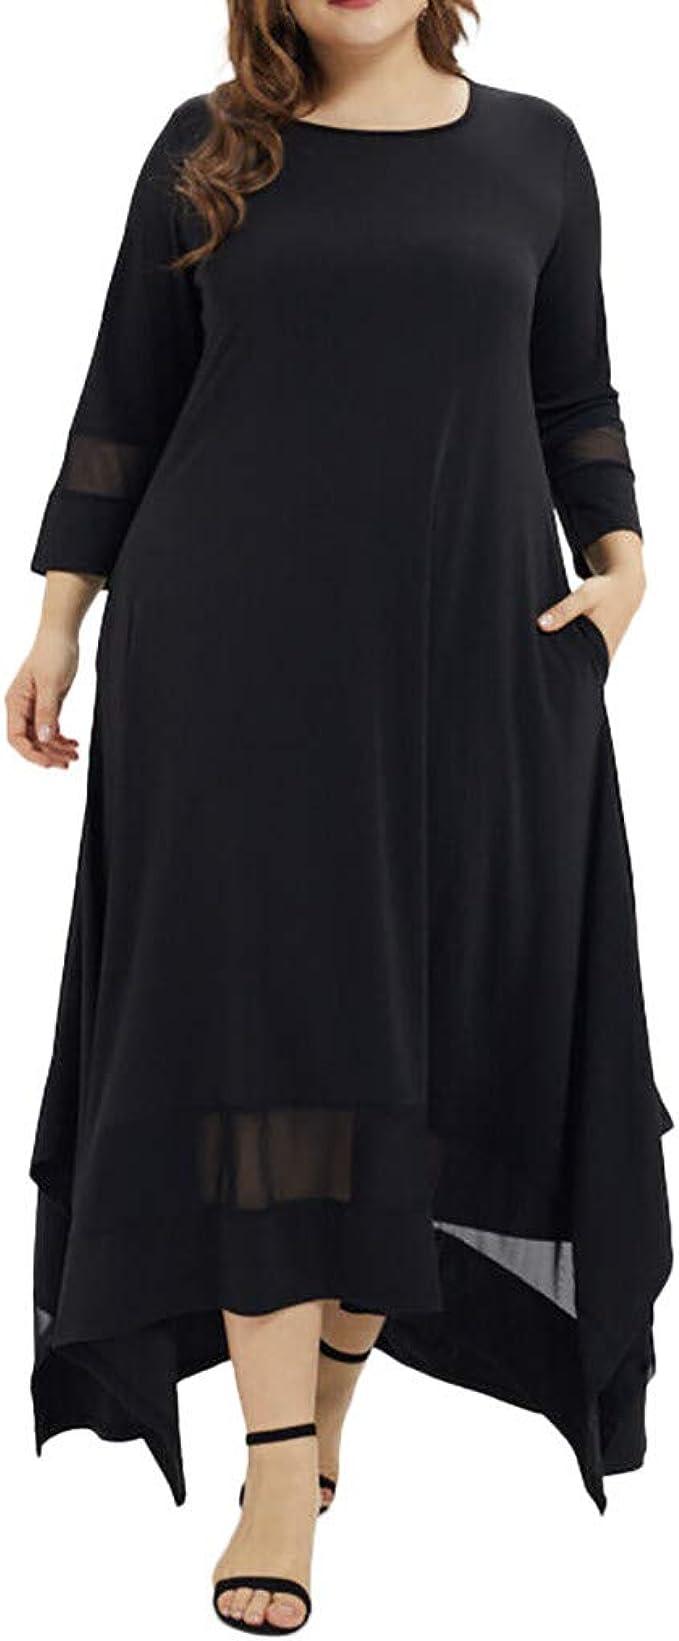 ZEELIY Damen Muslimische Stickerei Langarm Kleid Tunika Abaya Dubai Kleider  Maxikleid Abendkleid Muslim Frauen Knöchellang Kleid Hochzeit Kaftan Robe